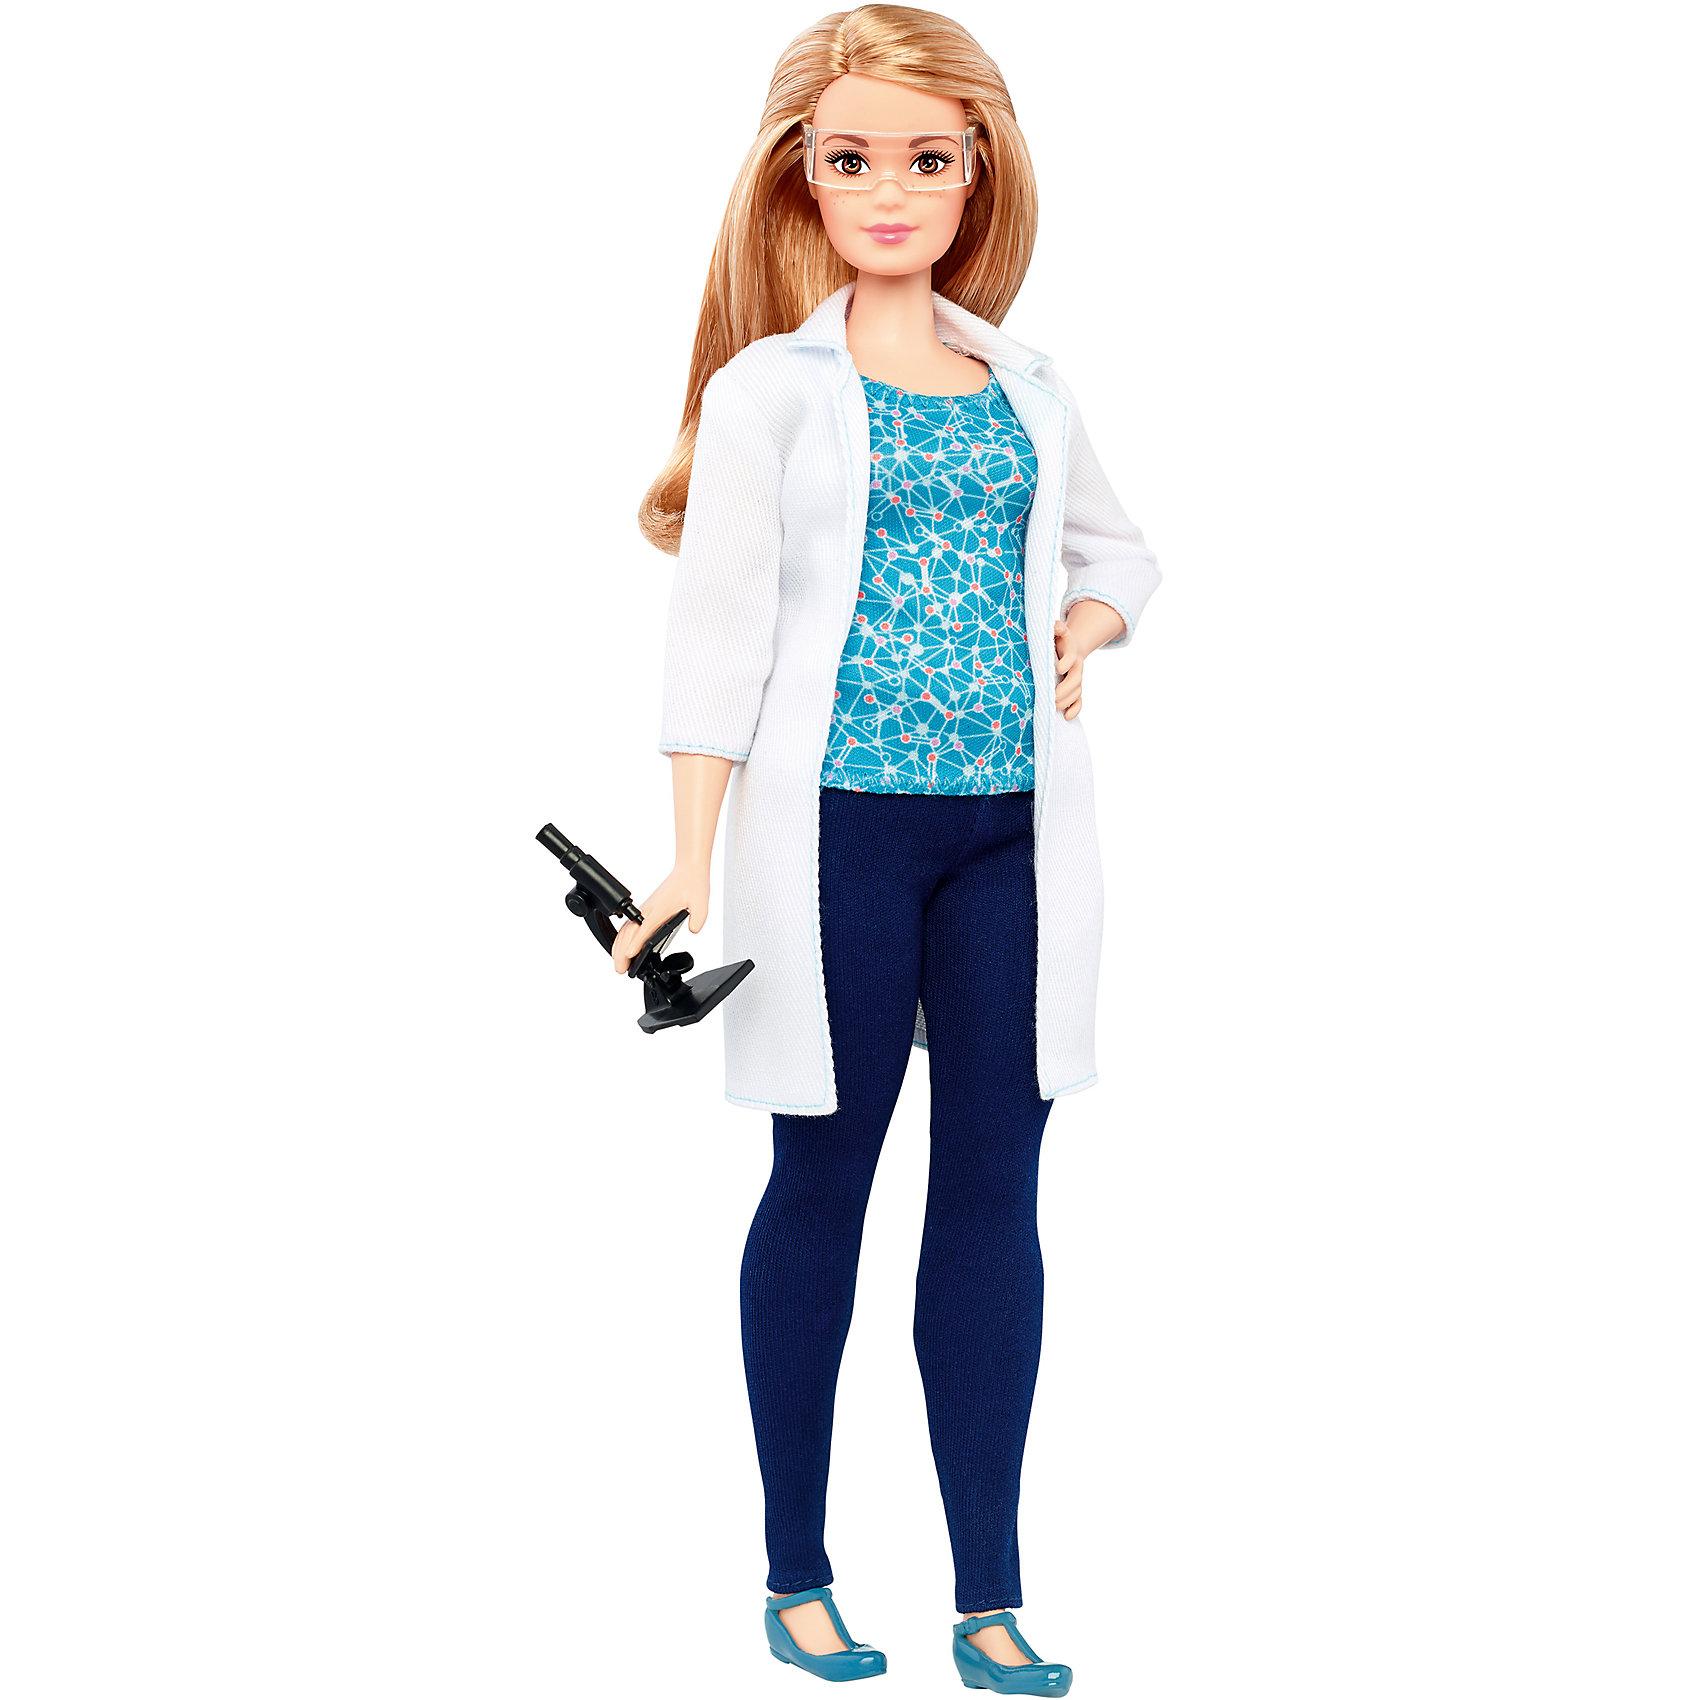 Кукла Barbie из серии «Кем быть?»Куклы-модели<br><br><br>Ширина мм: 334<br>Глубина мм: 113<br>Высота мм: 58<br>Вес г: 182<br>Возраст от месяцев: 36<br>Возраст до месяцев: 72<br>Пол: Женский<br>Возраст: Детский<br>SKU: 6996460